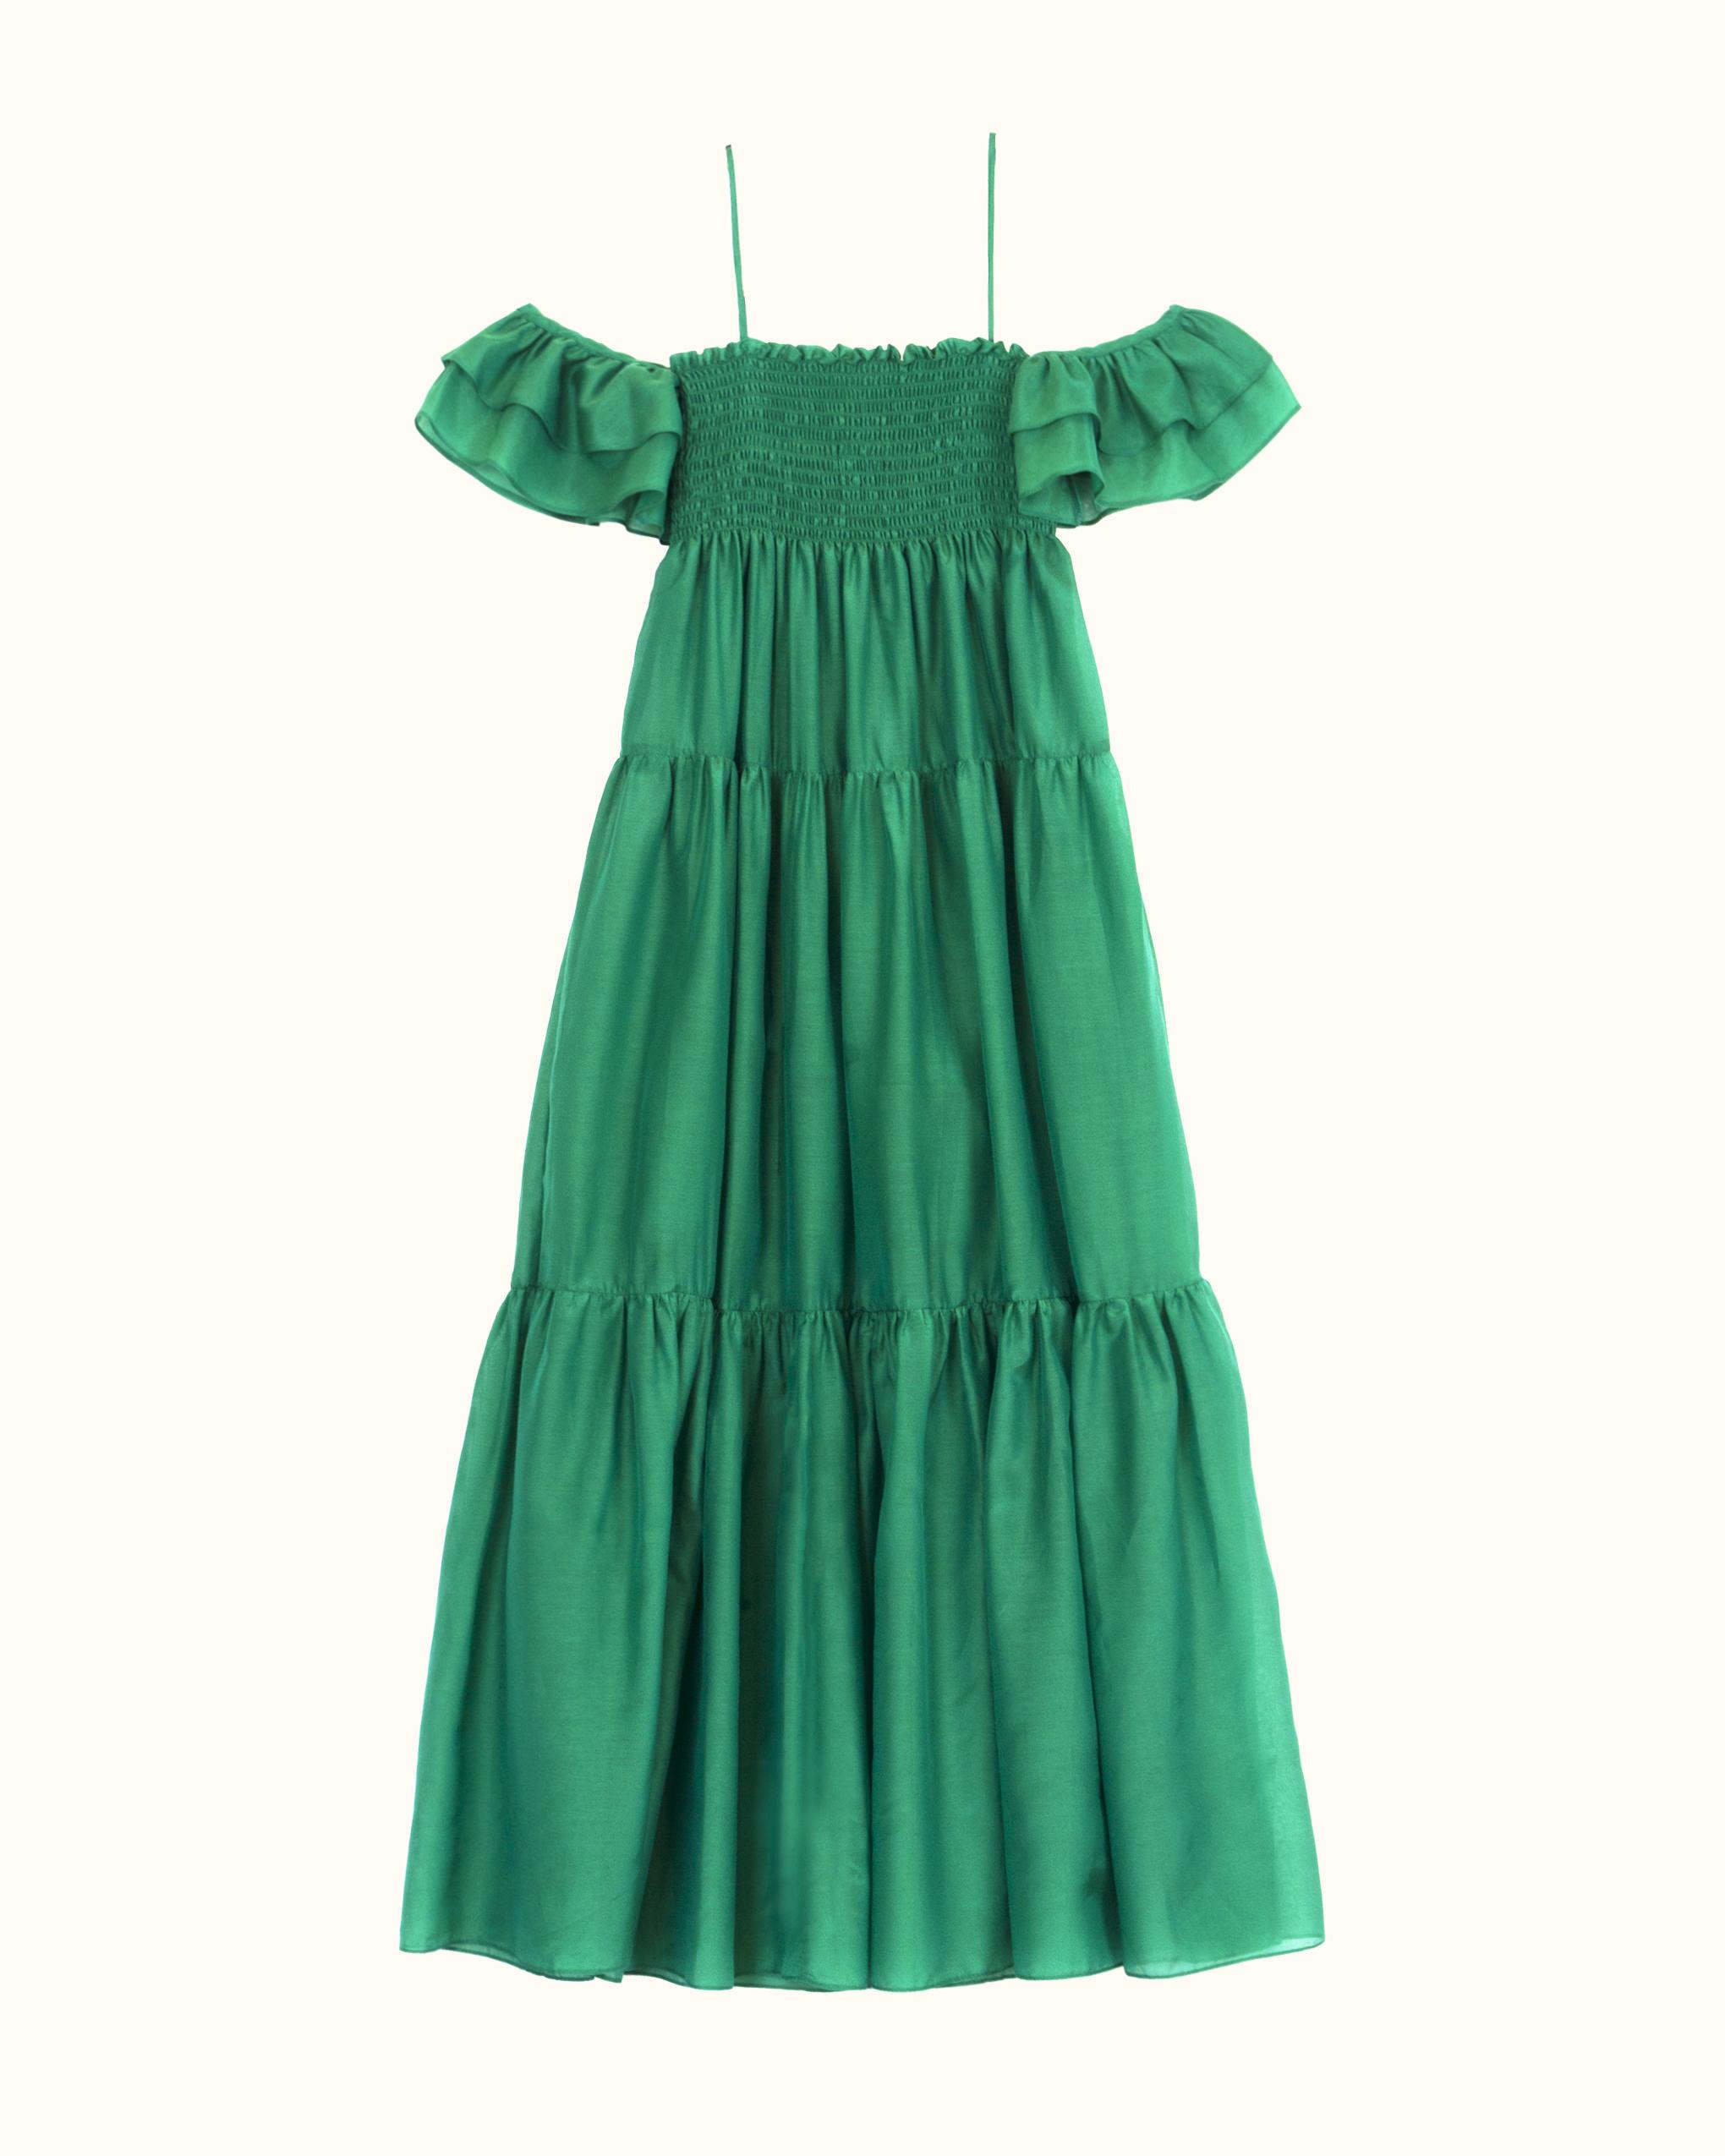 A green cotton-silk blend ruffle off-the-shoulder dress.